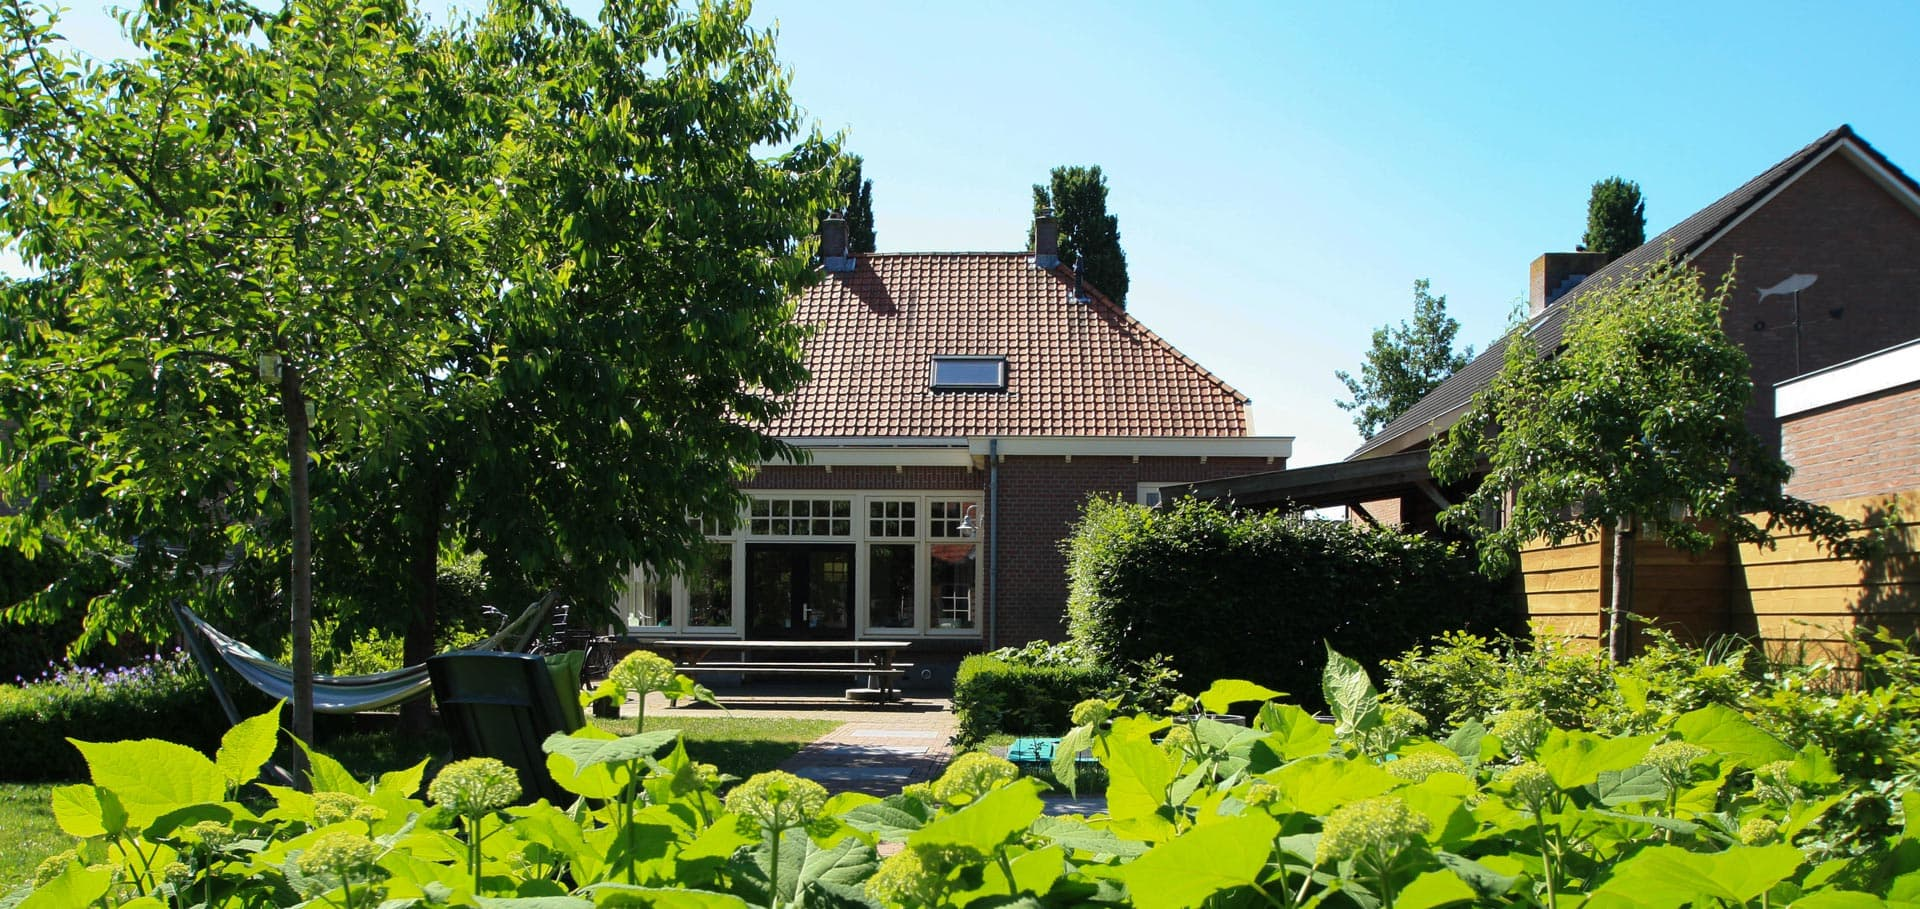 Gezinstuin Om Lekker In Te Leven Dutch Quality Gardens De Lingebrug Hoveniers